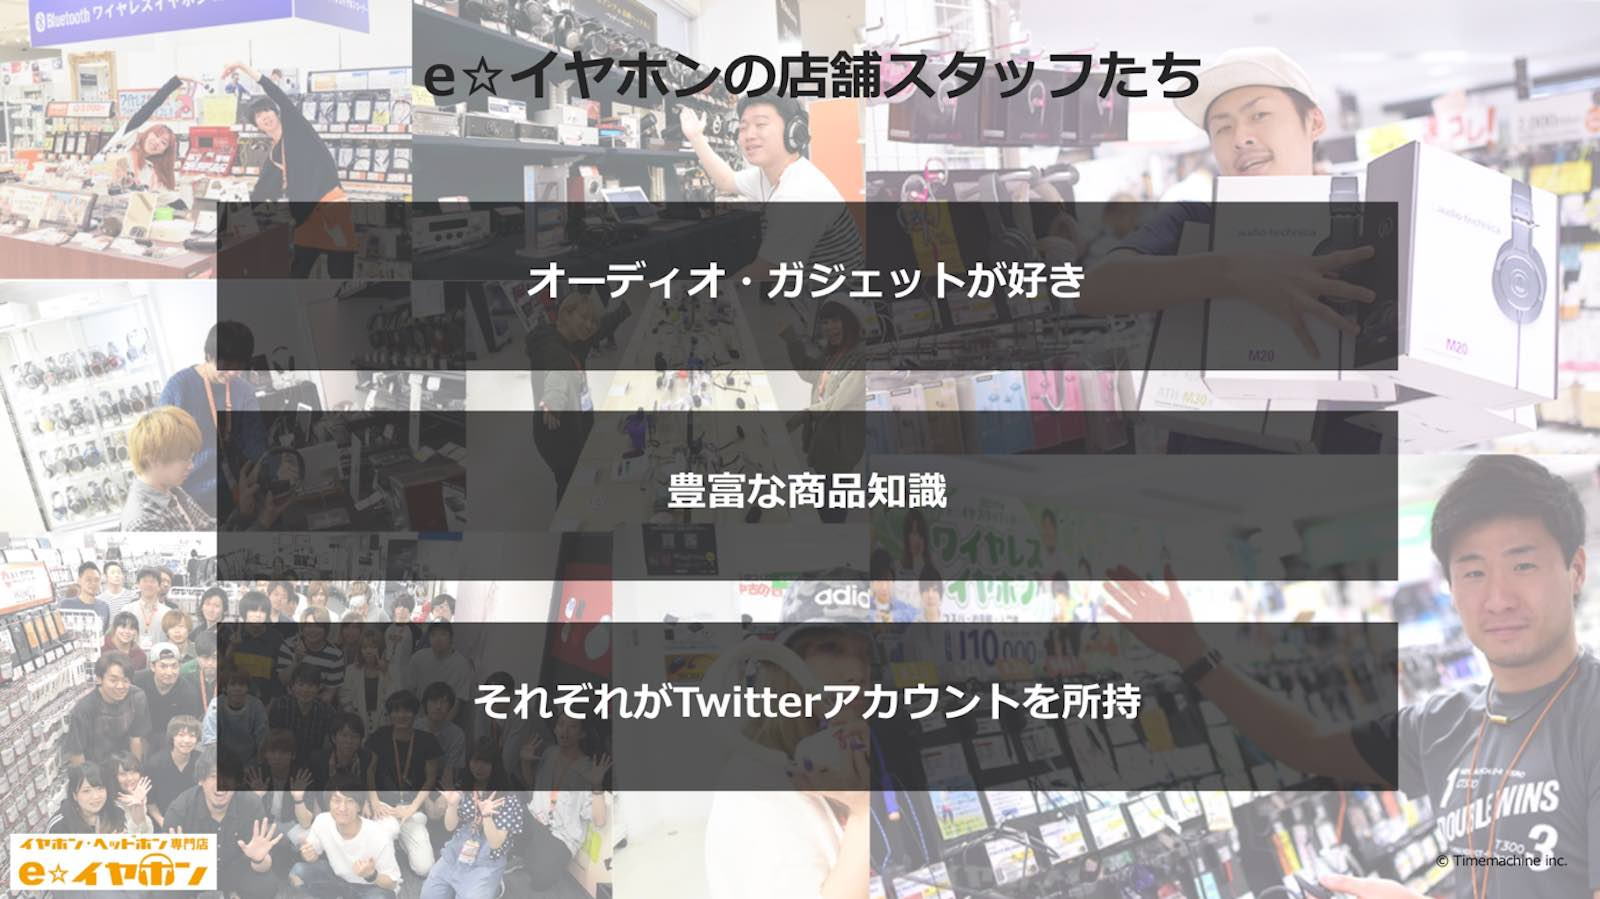 資料:e☆イヤホンの店舗スタッフたち